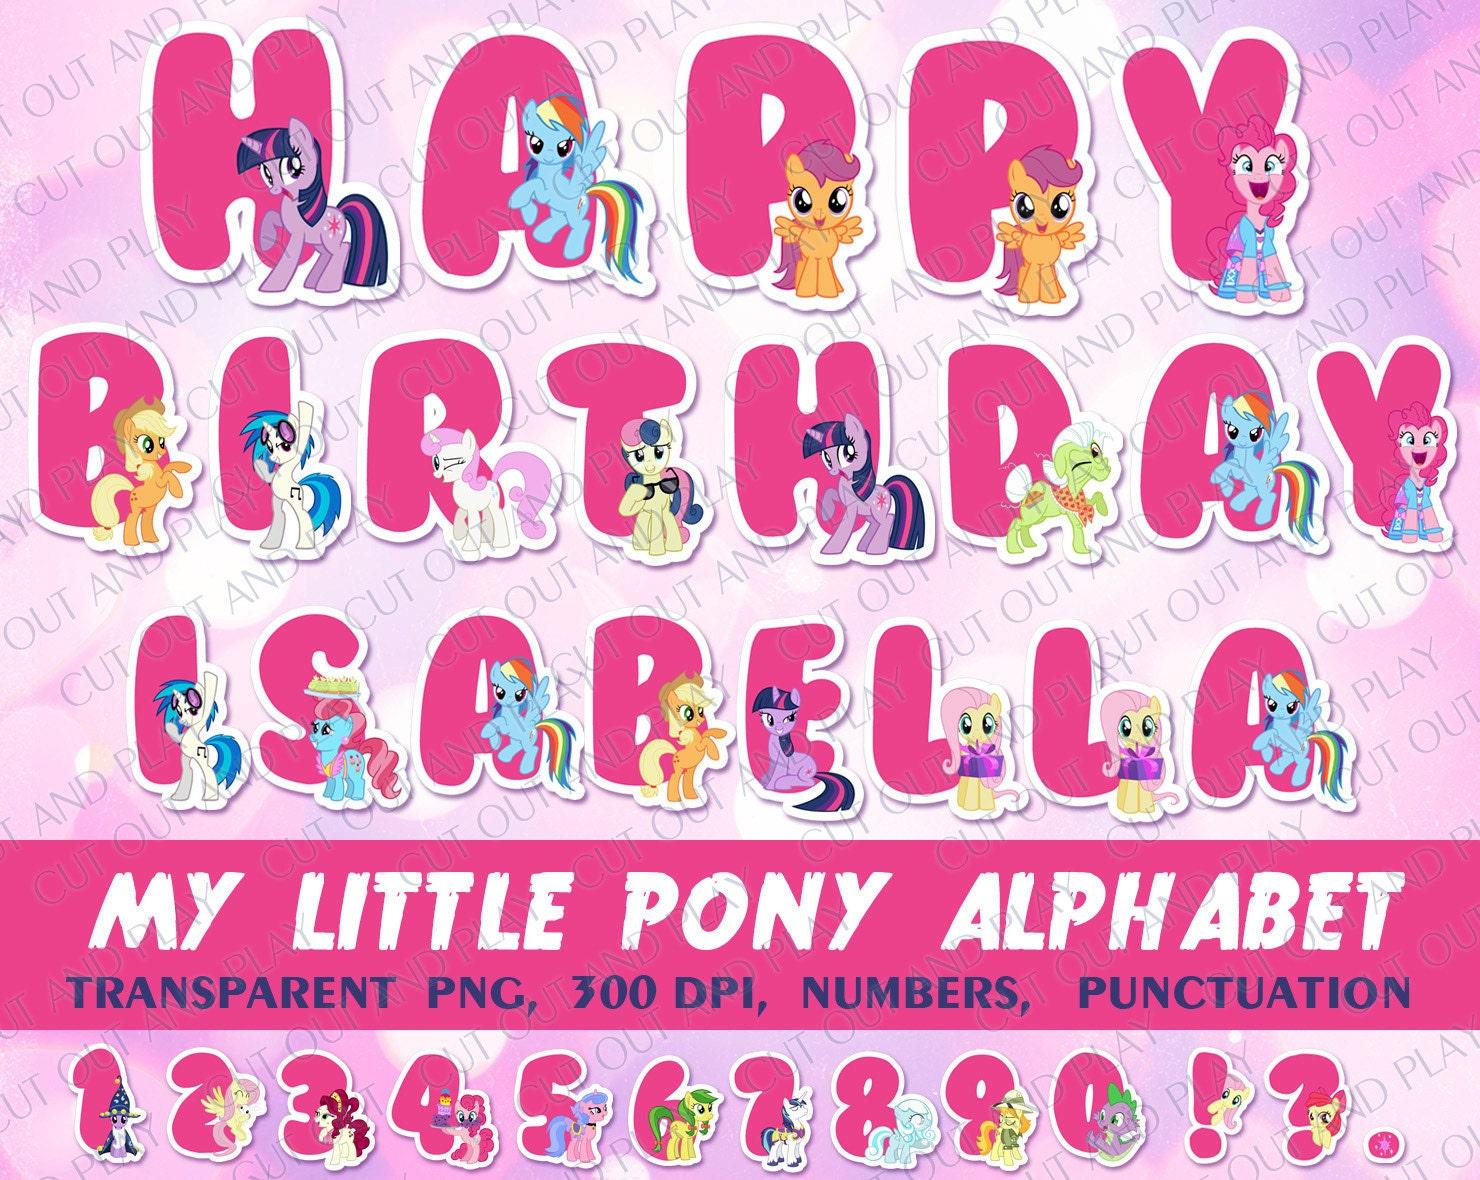 My Little Pony Alphabet Alphabet clipart My Little Pony